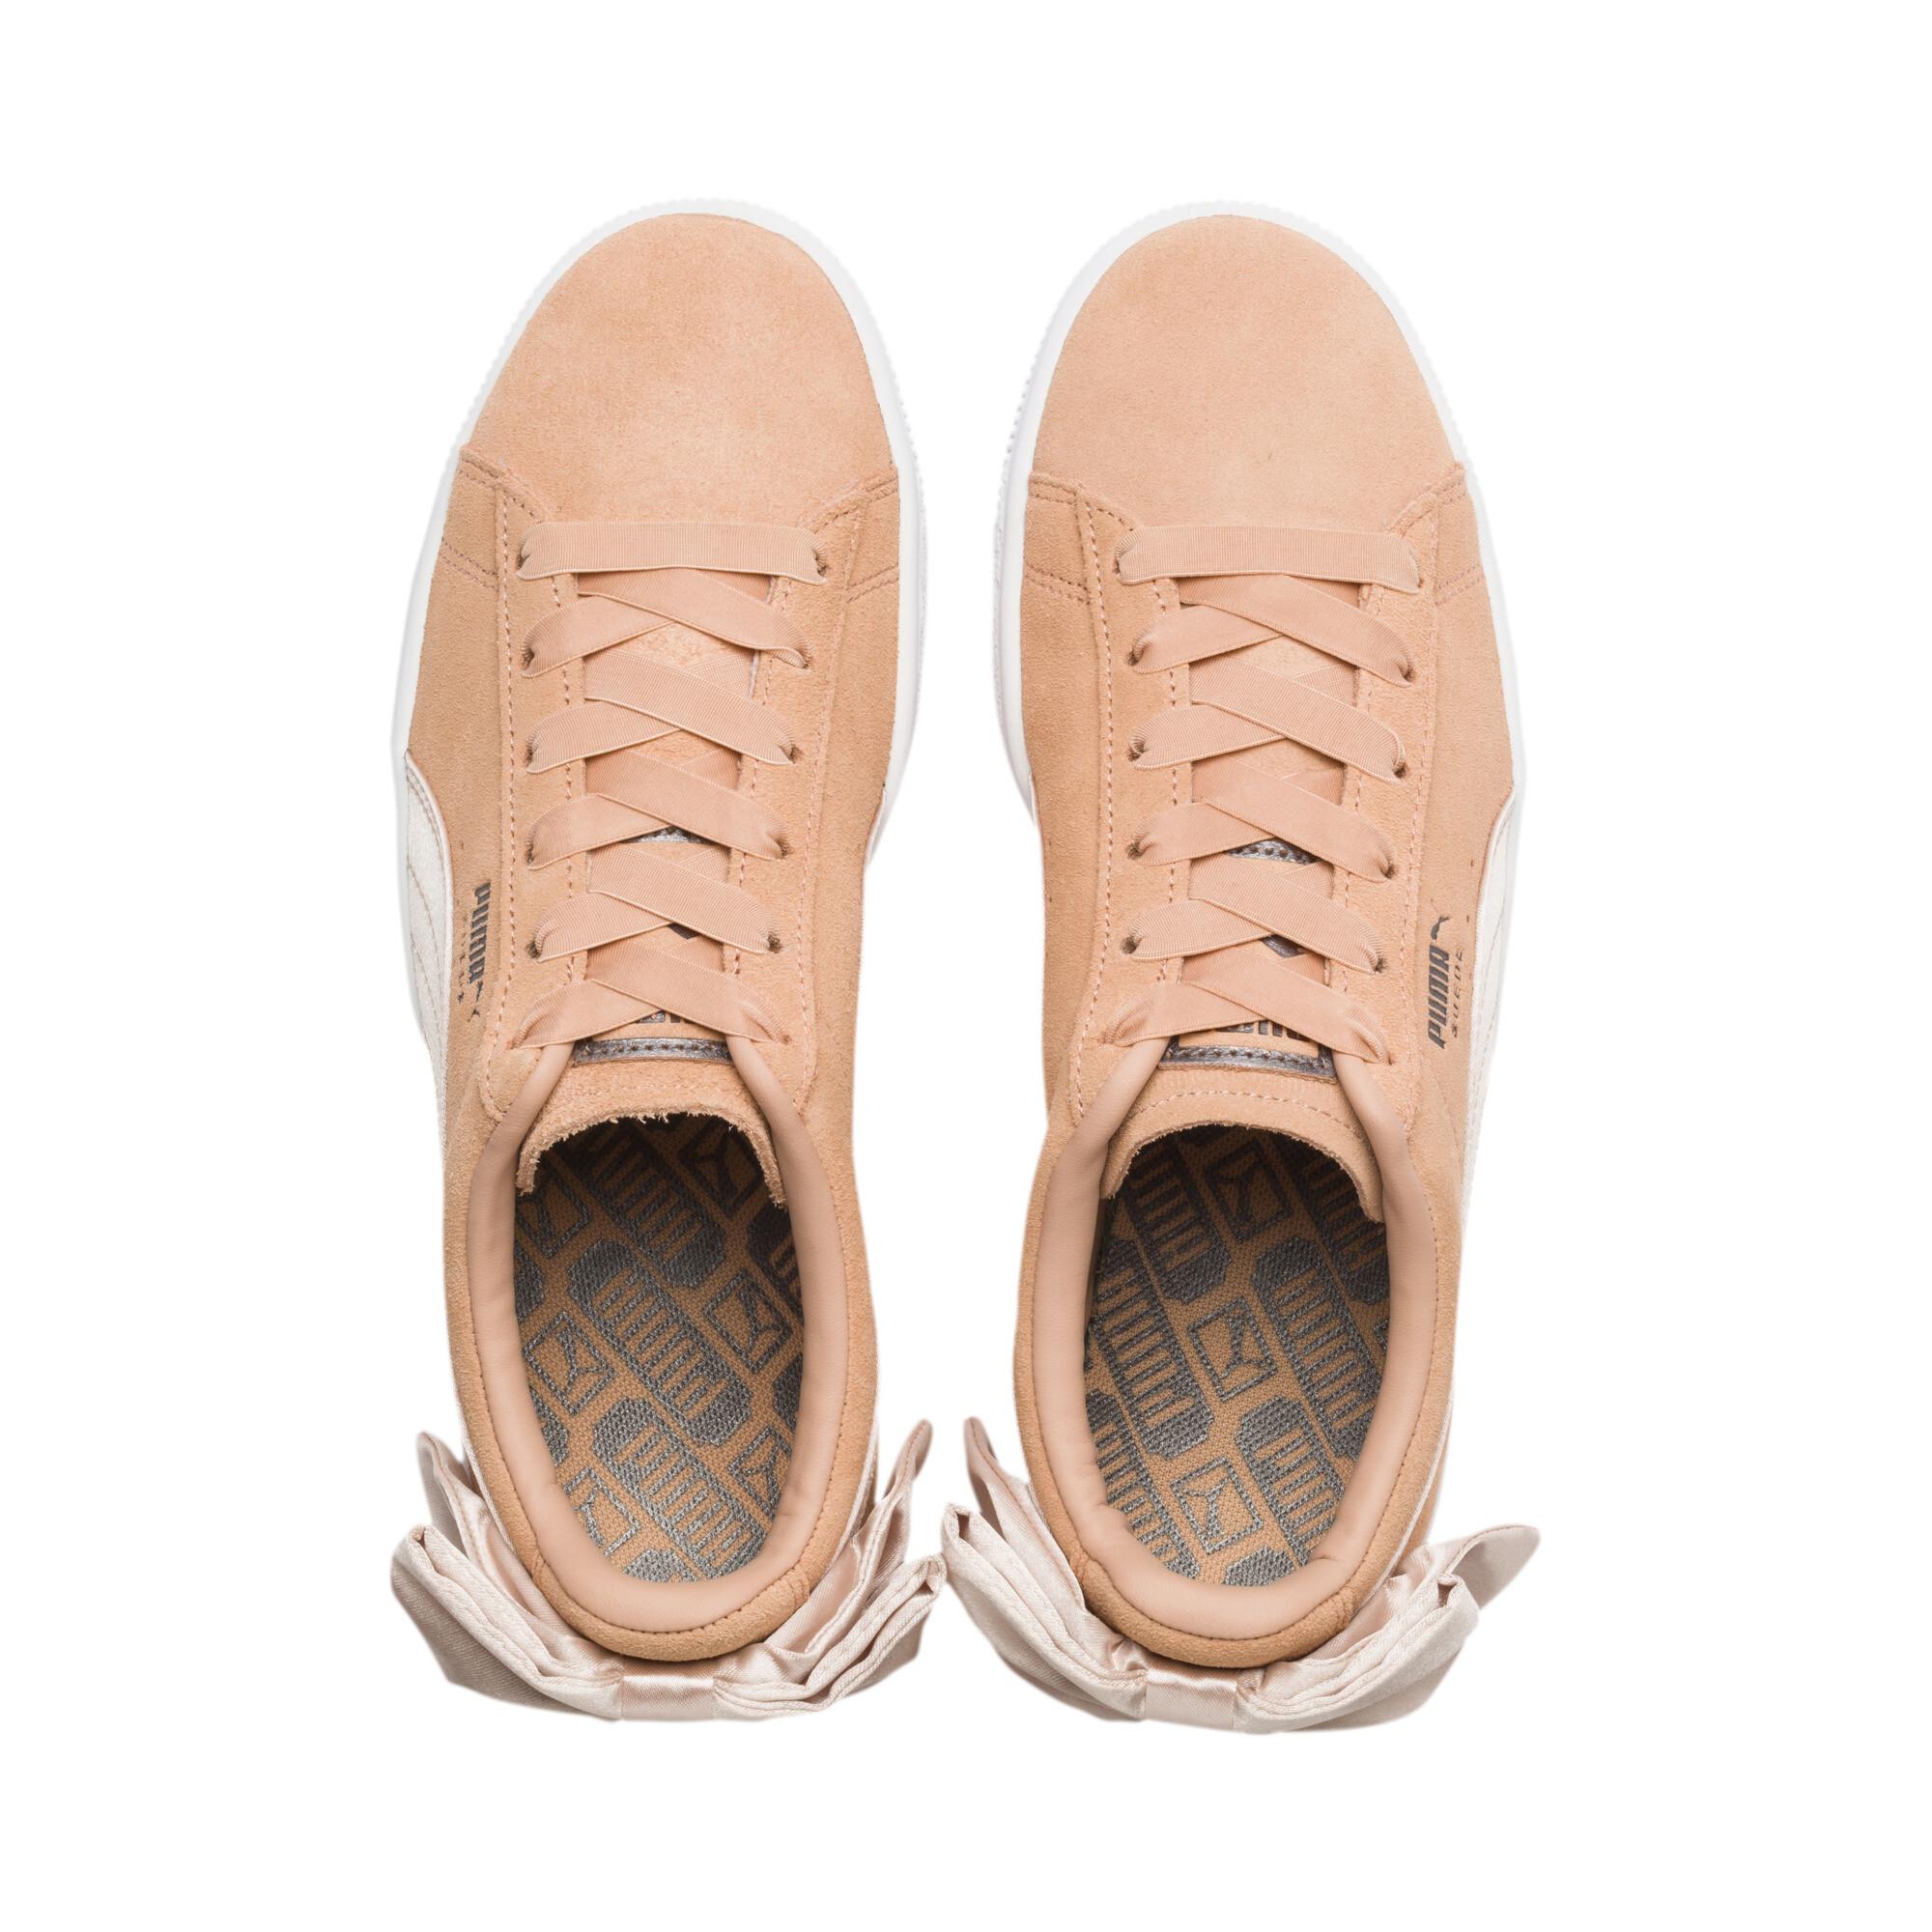 Indexbild 15 - PUMA Suede Bow Damen Frauen Schuhe Sport Classics Neu